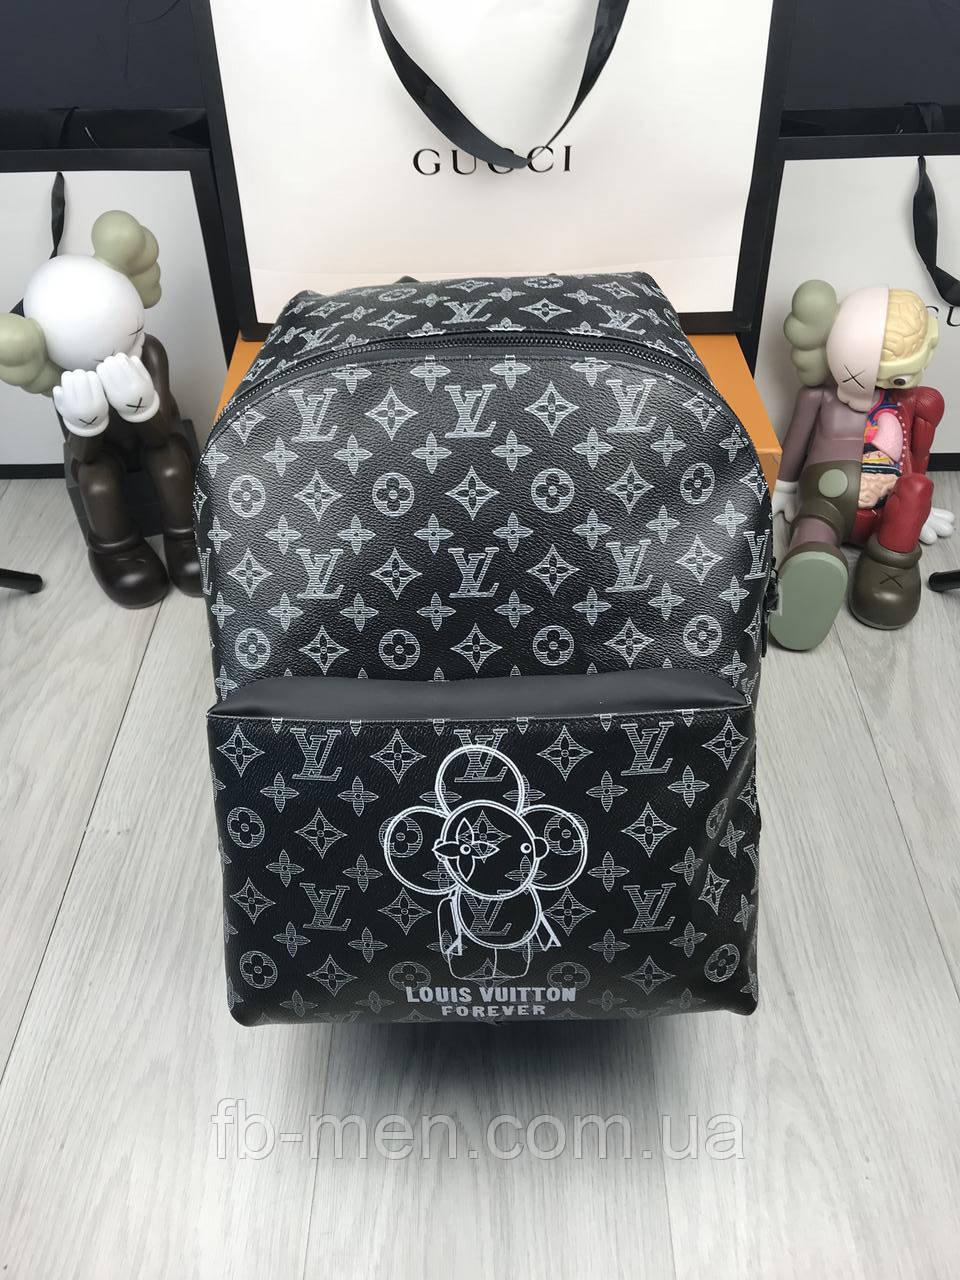 Кожаный рюкзак Луи Виттон   Стильный рюкзак Луи Виттон  Черный мужской женский рюкзак Луи Виттон большой